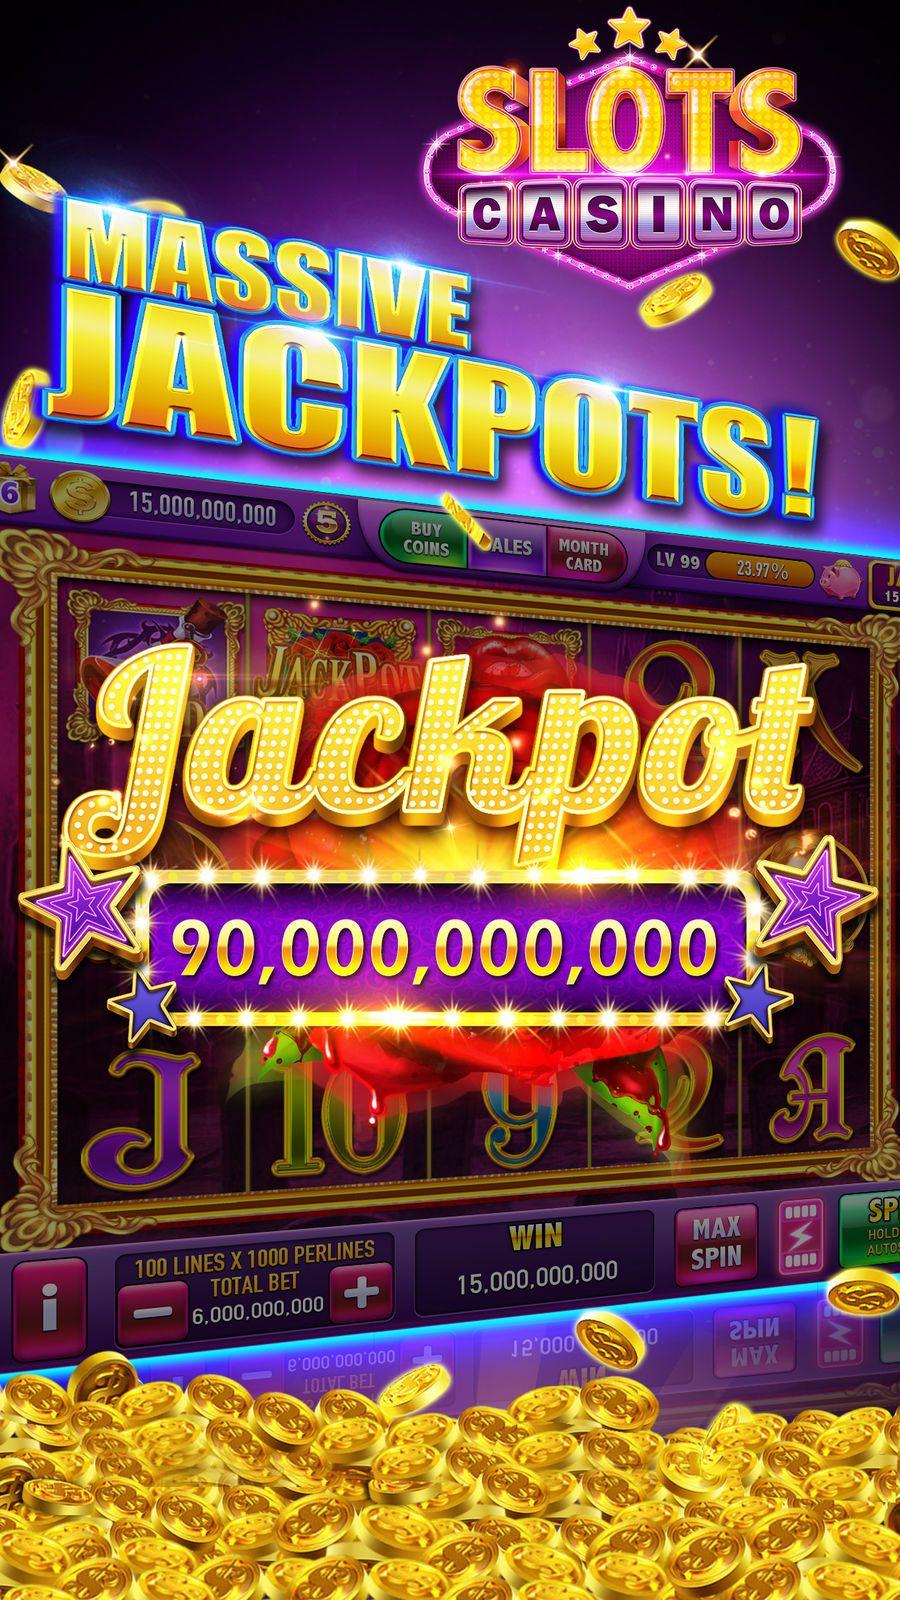 Slots Fortune鈩 20 777 Slot Machines Games Li Card Casino Di 2020 Ruang Permainan Kartu Mesin Slot